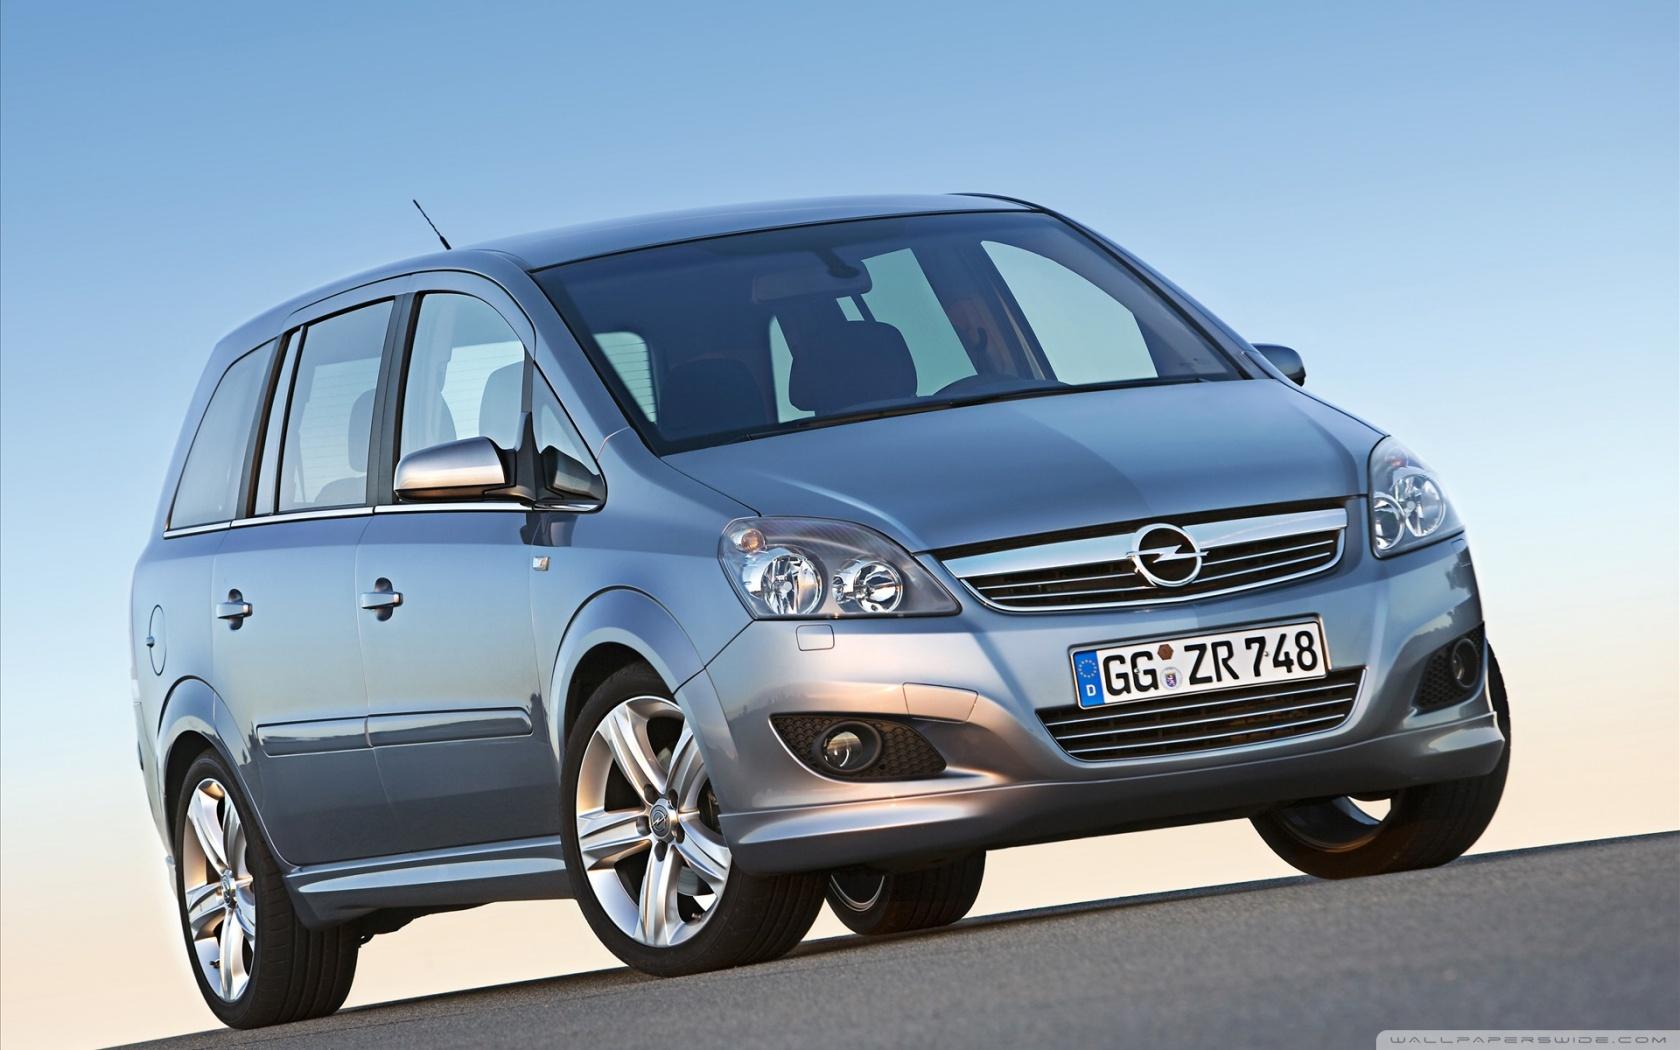 Opel Car 4 4k Hd Desktop Wallpaper For 4k Ultra Hd Tv